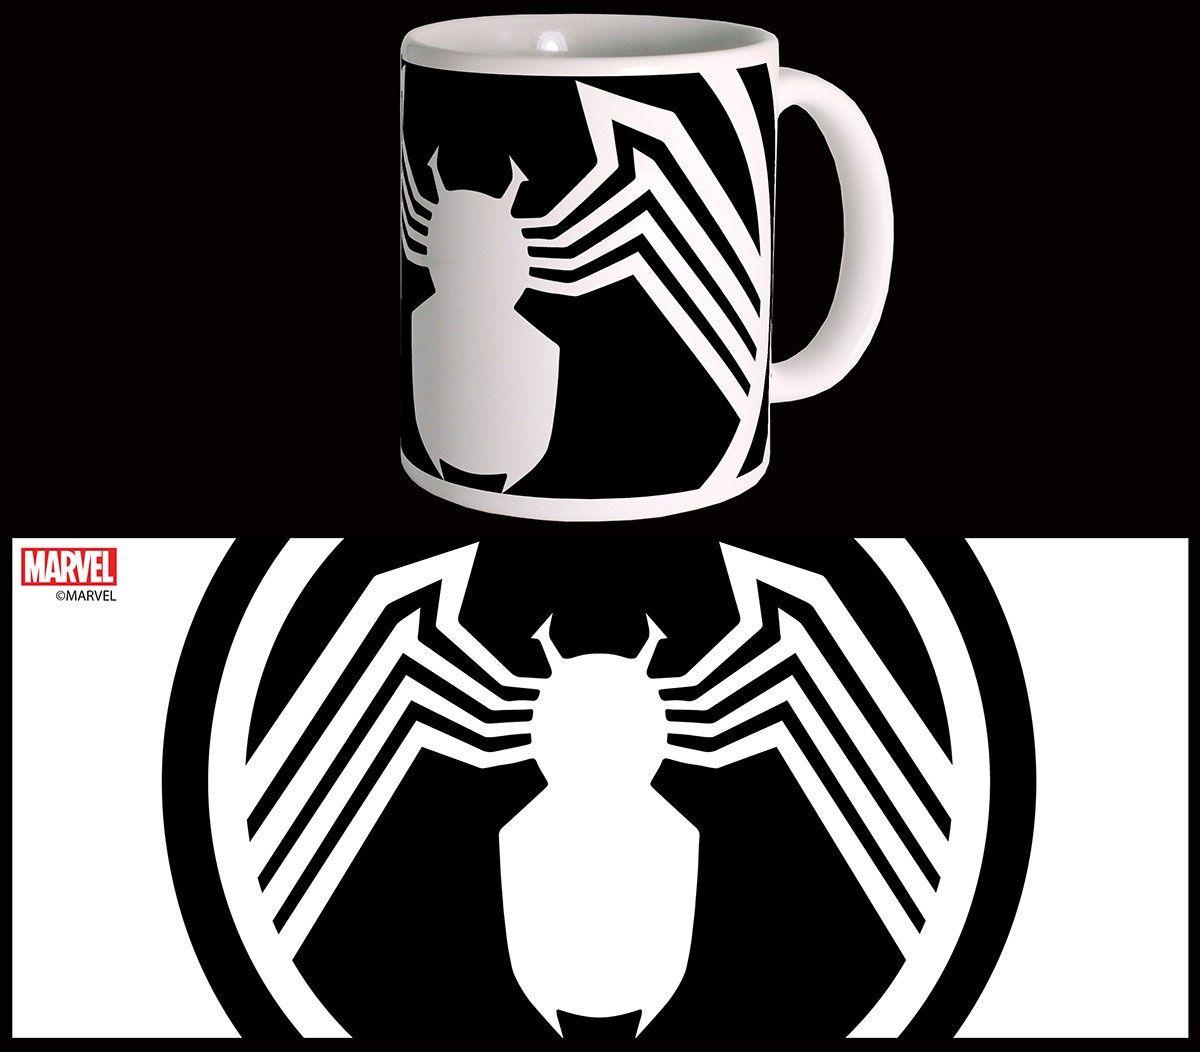 Venom Mug Logo